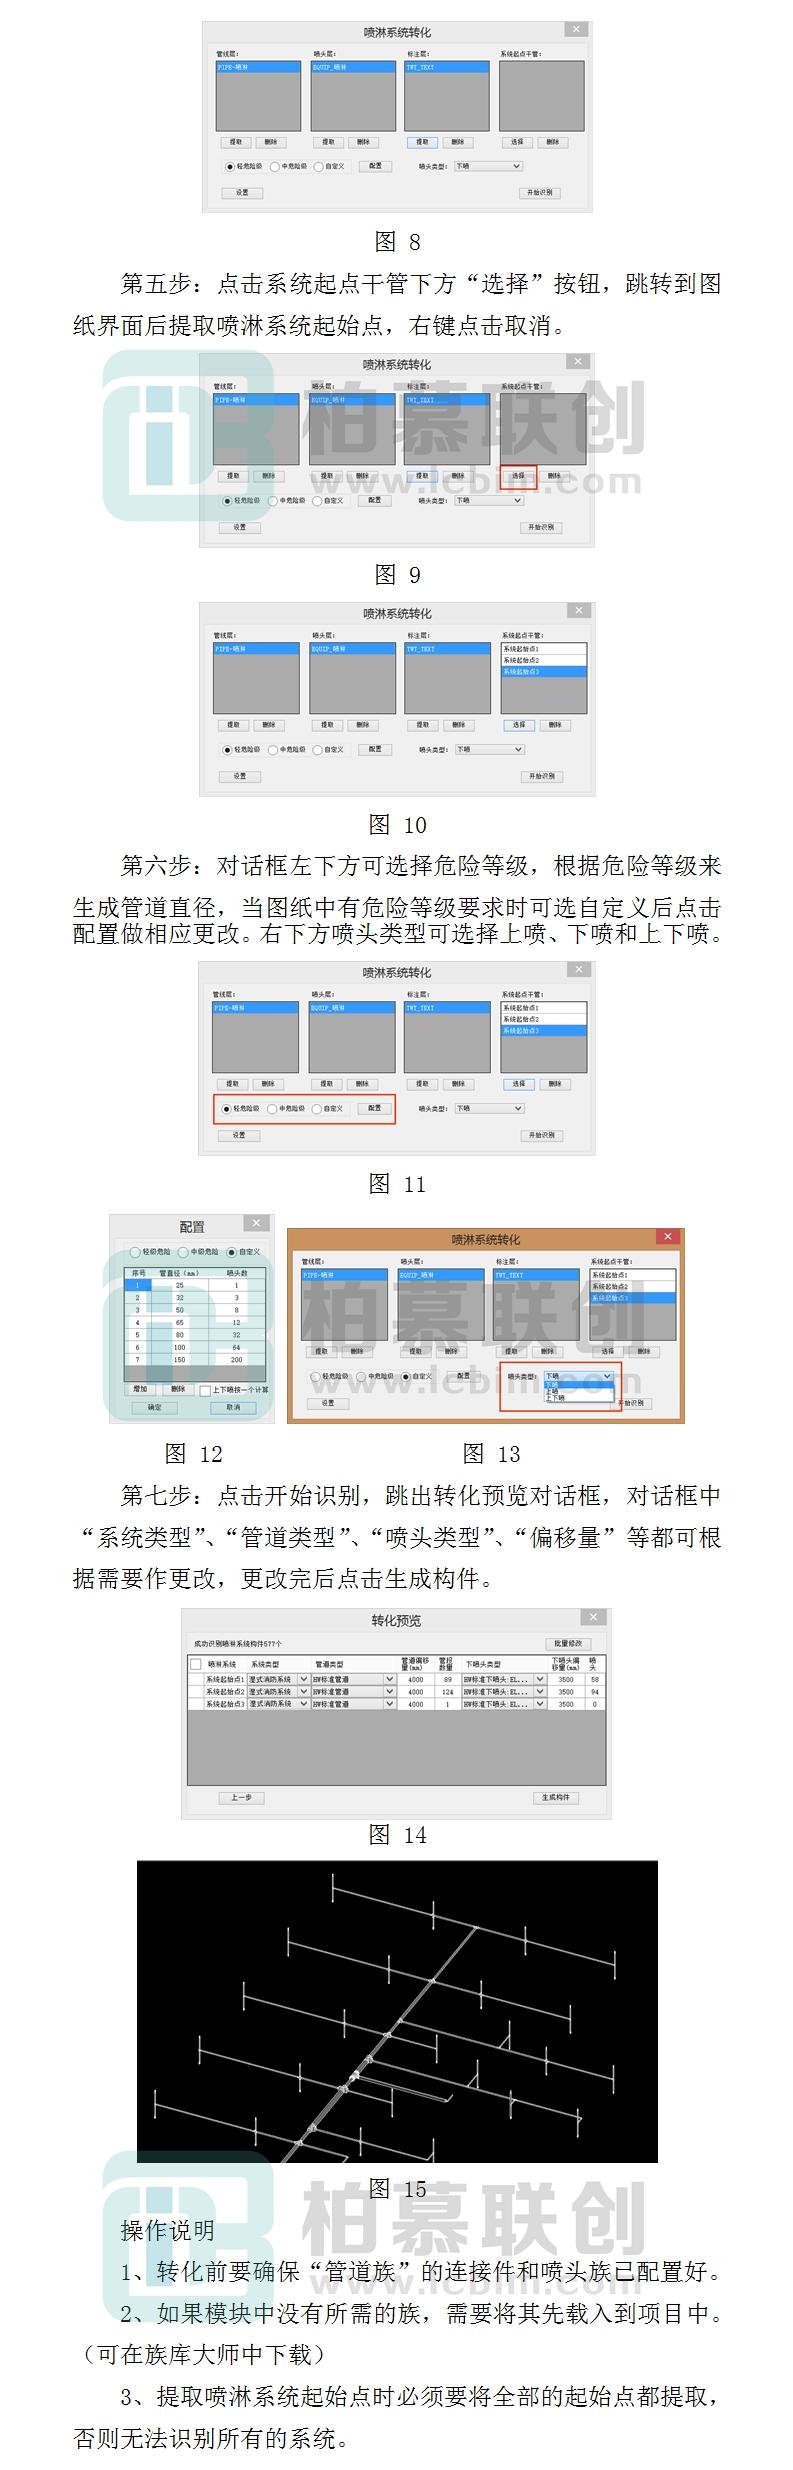 699 建模大师之路——如何批量转化喷淋-2.jpg